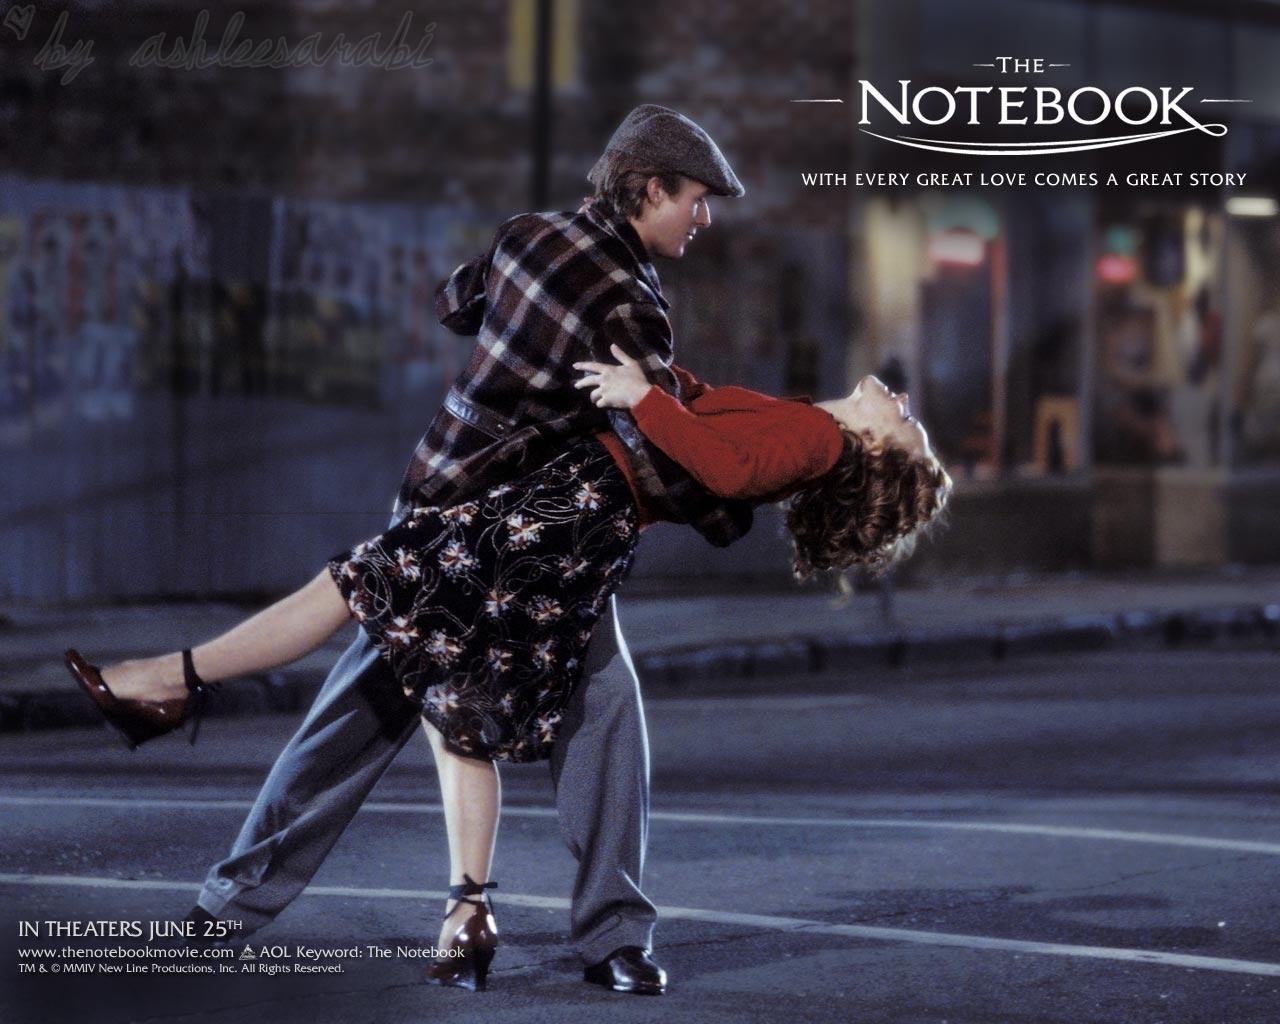 http://1.bp.blogspot.com/_zeh3qtyepq4/TRCzVb4NnUI/AAAAAAAACQE/lKtzagB6A9I/s1600/The-Notebook-Street-Dance-rachel-mcadams-8226338-1280-1024.jpeg